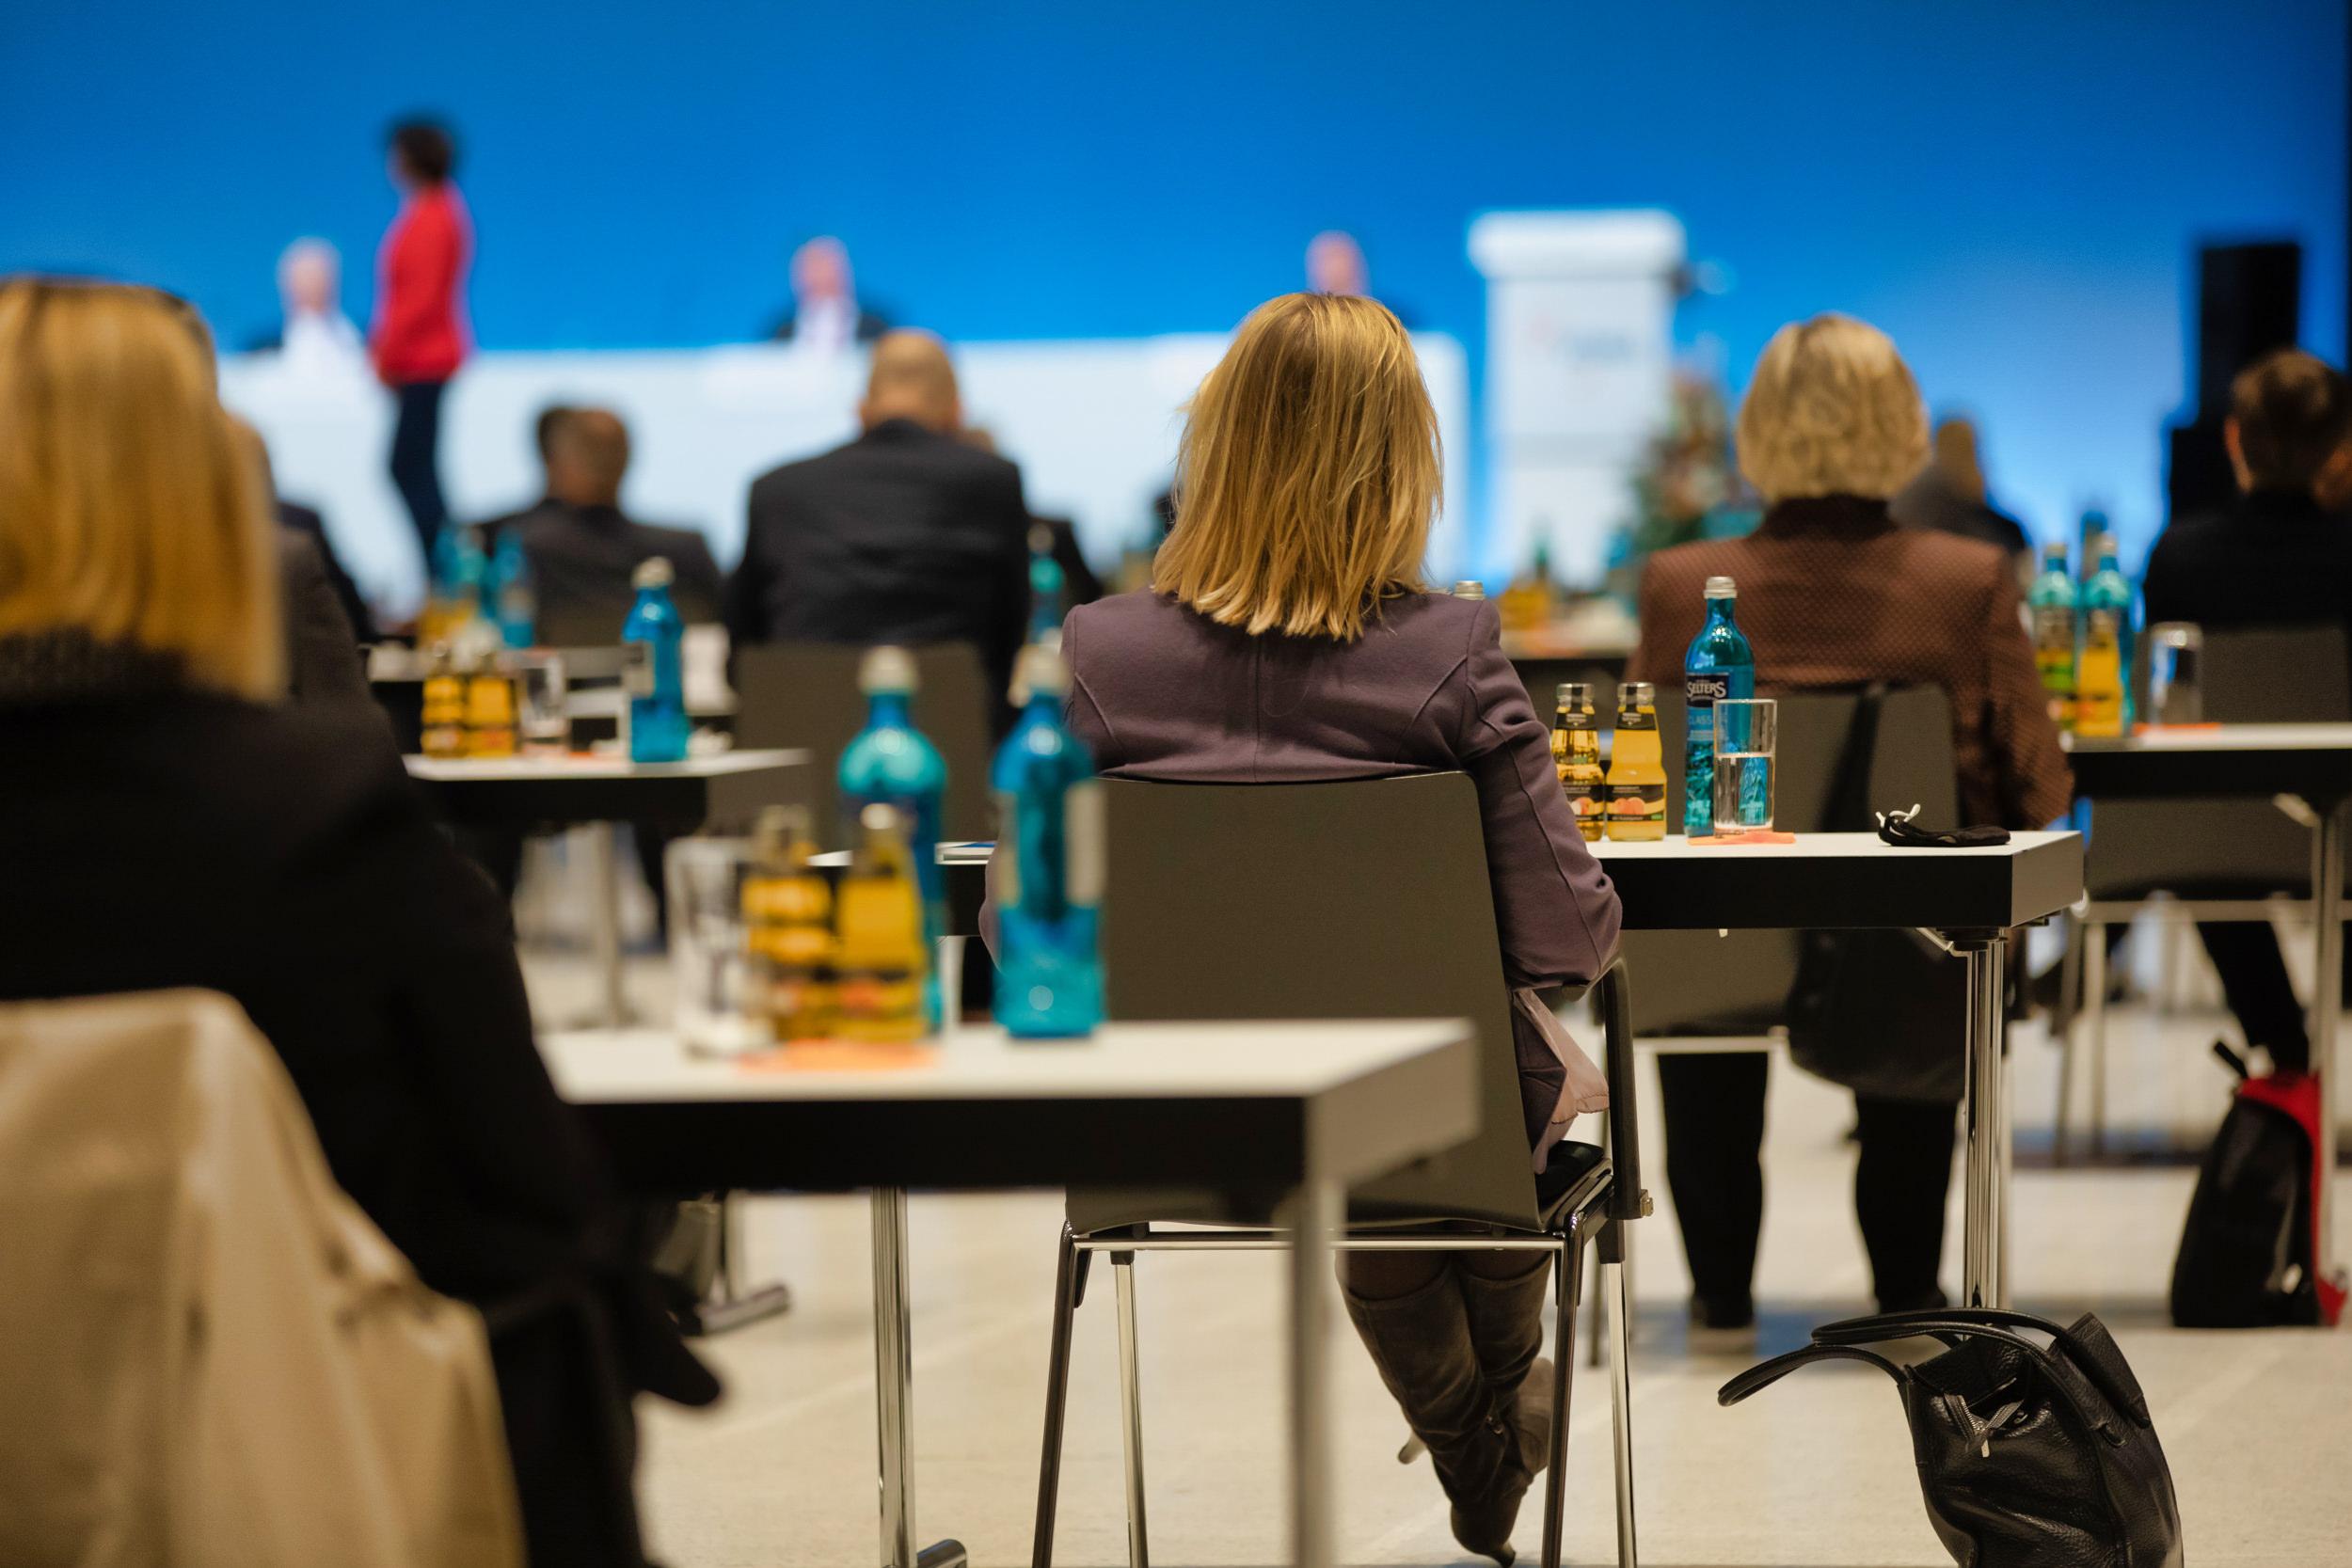 10 Tipps zum Fotografieren einer Geschäftskonferenz